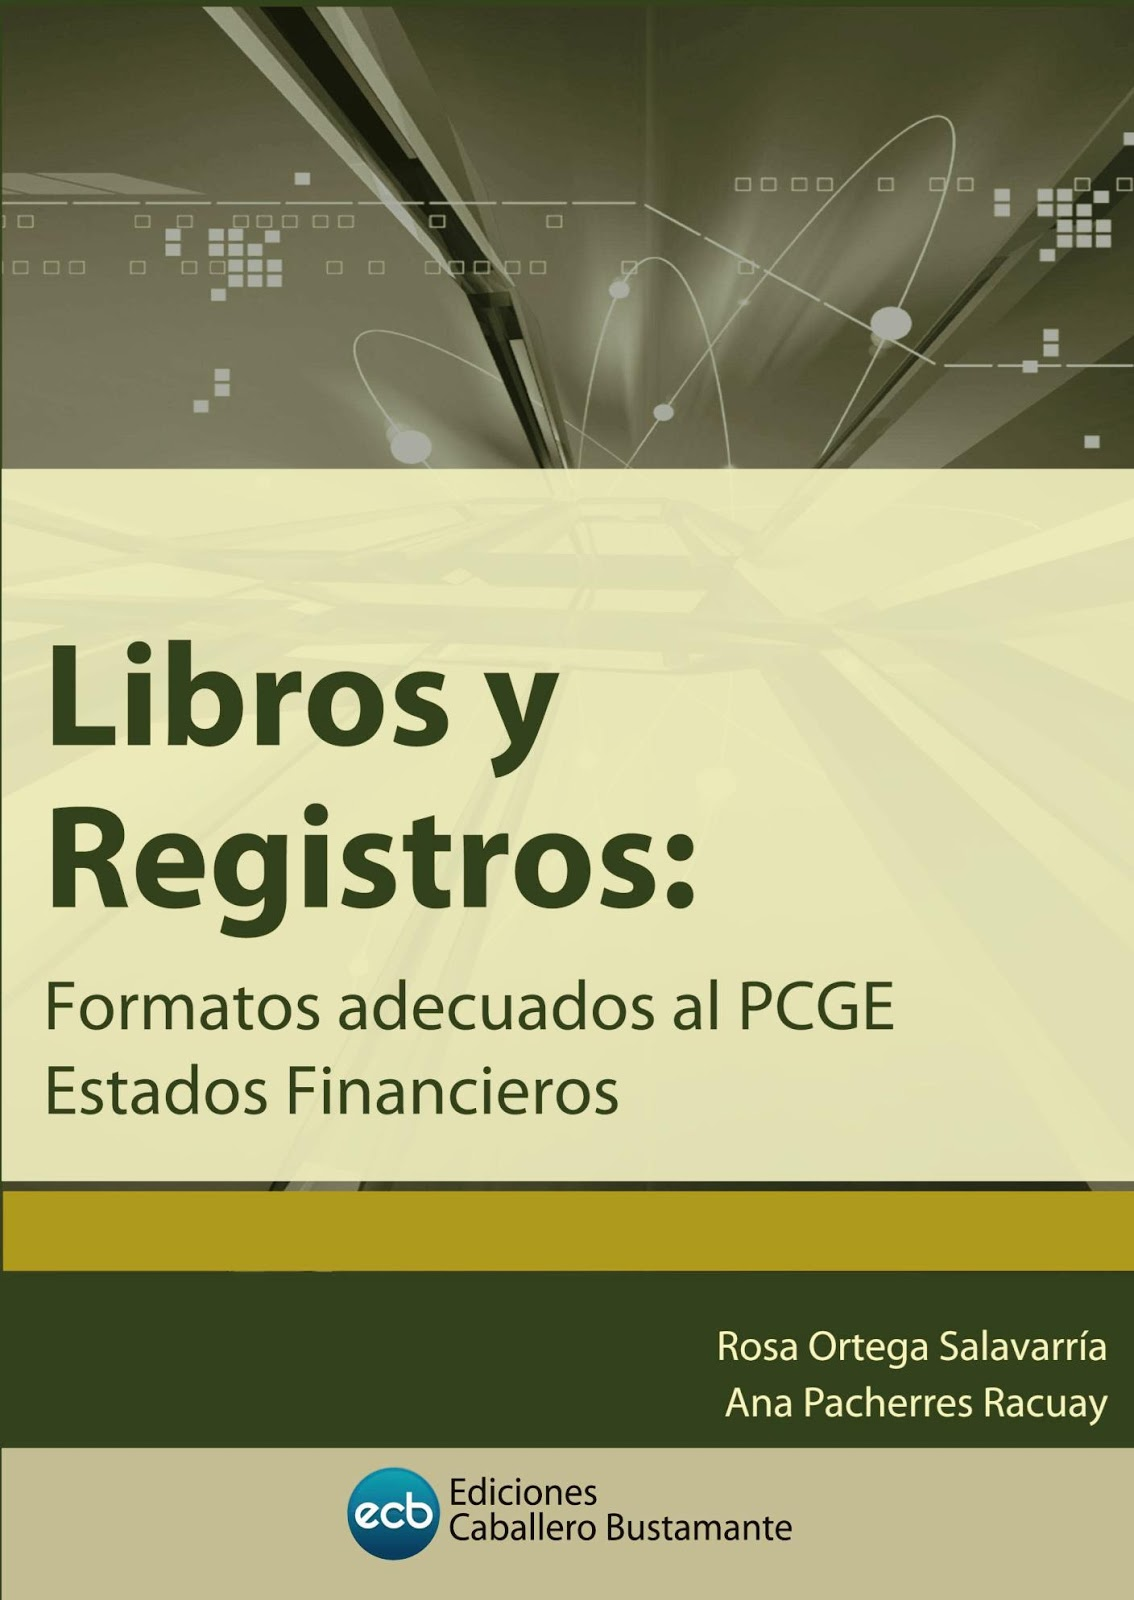 Libros y registros – Rosa Ortega Salavarría